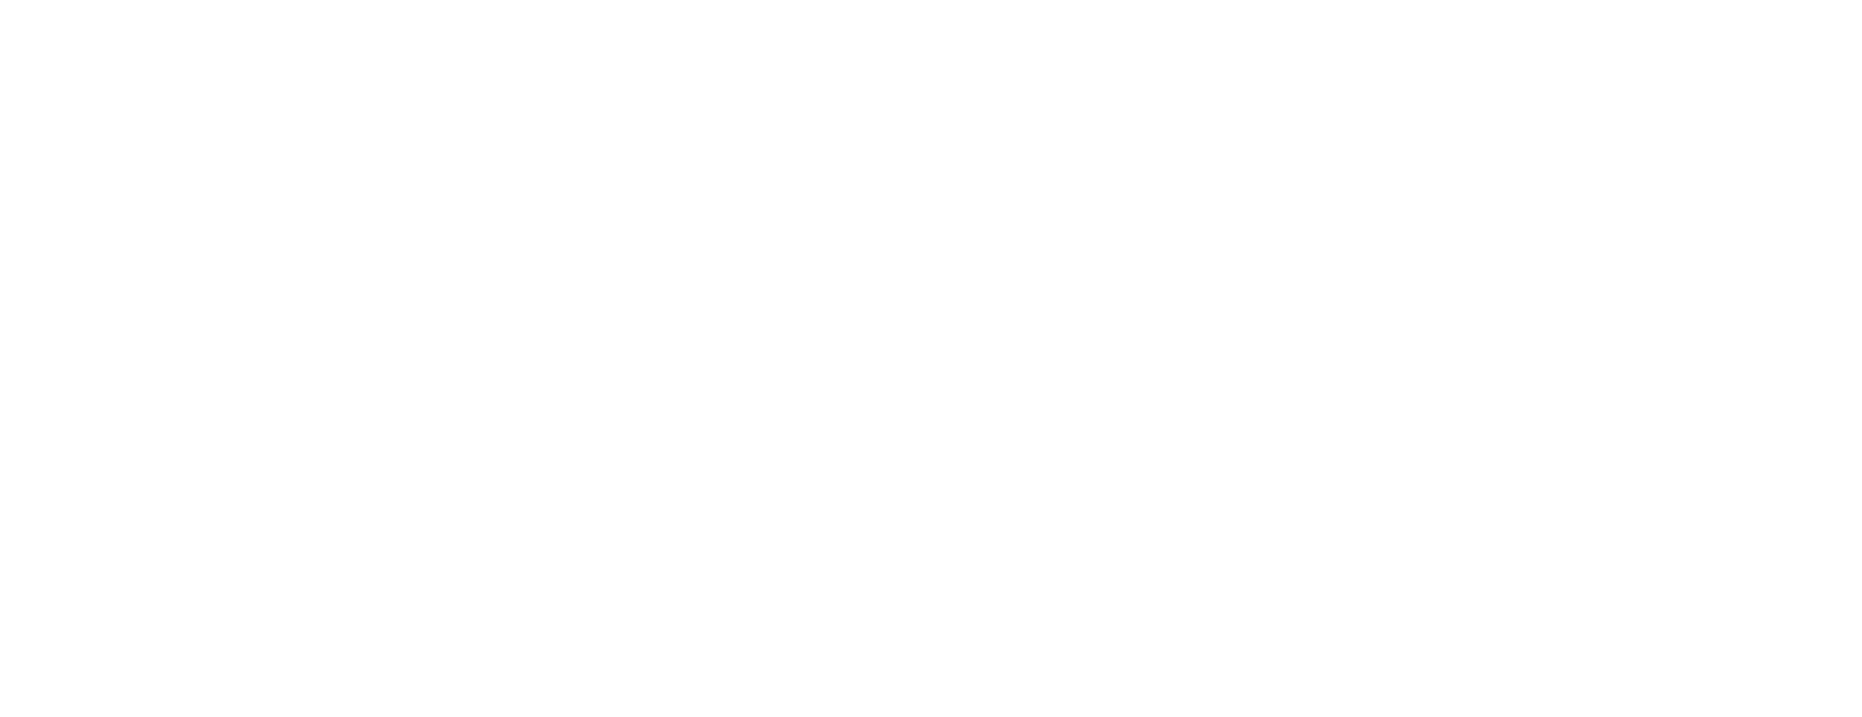 Janaina Kuhn Barni – Educação Alimentar